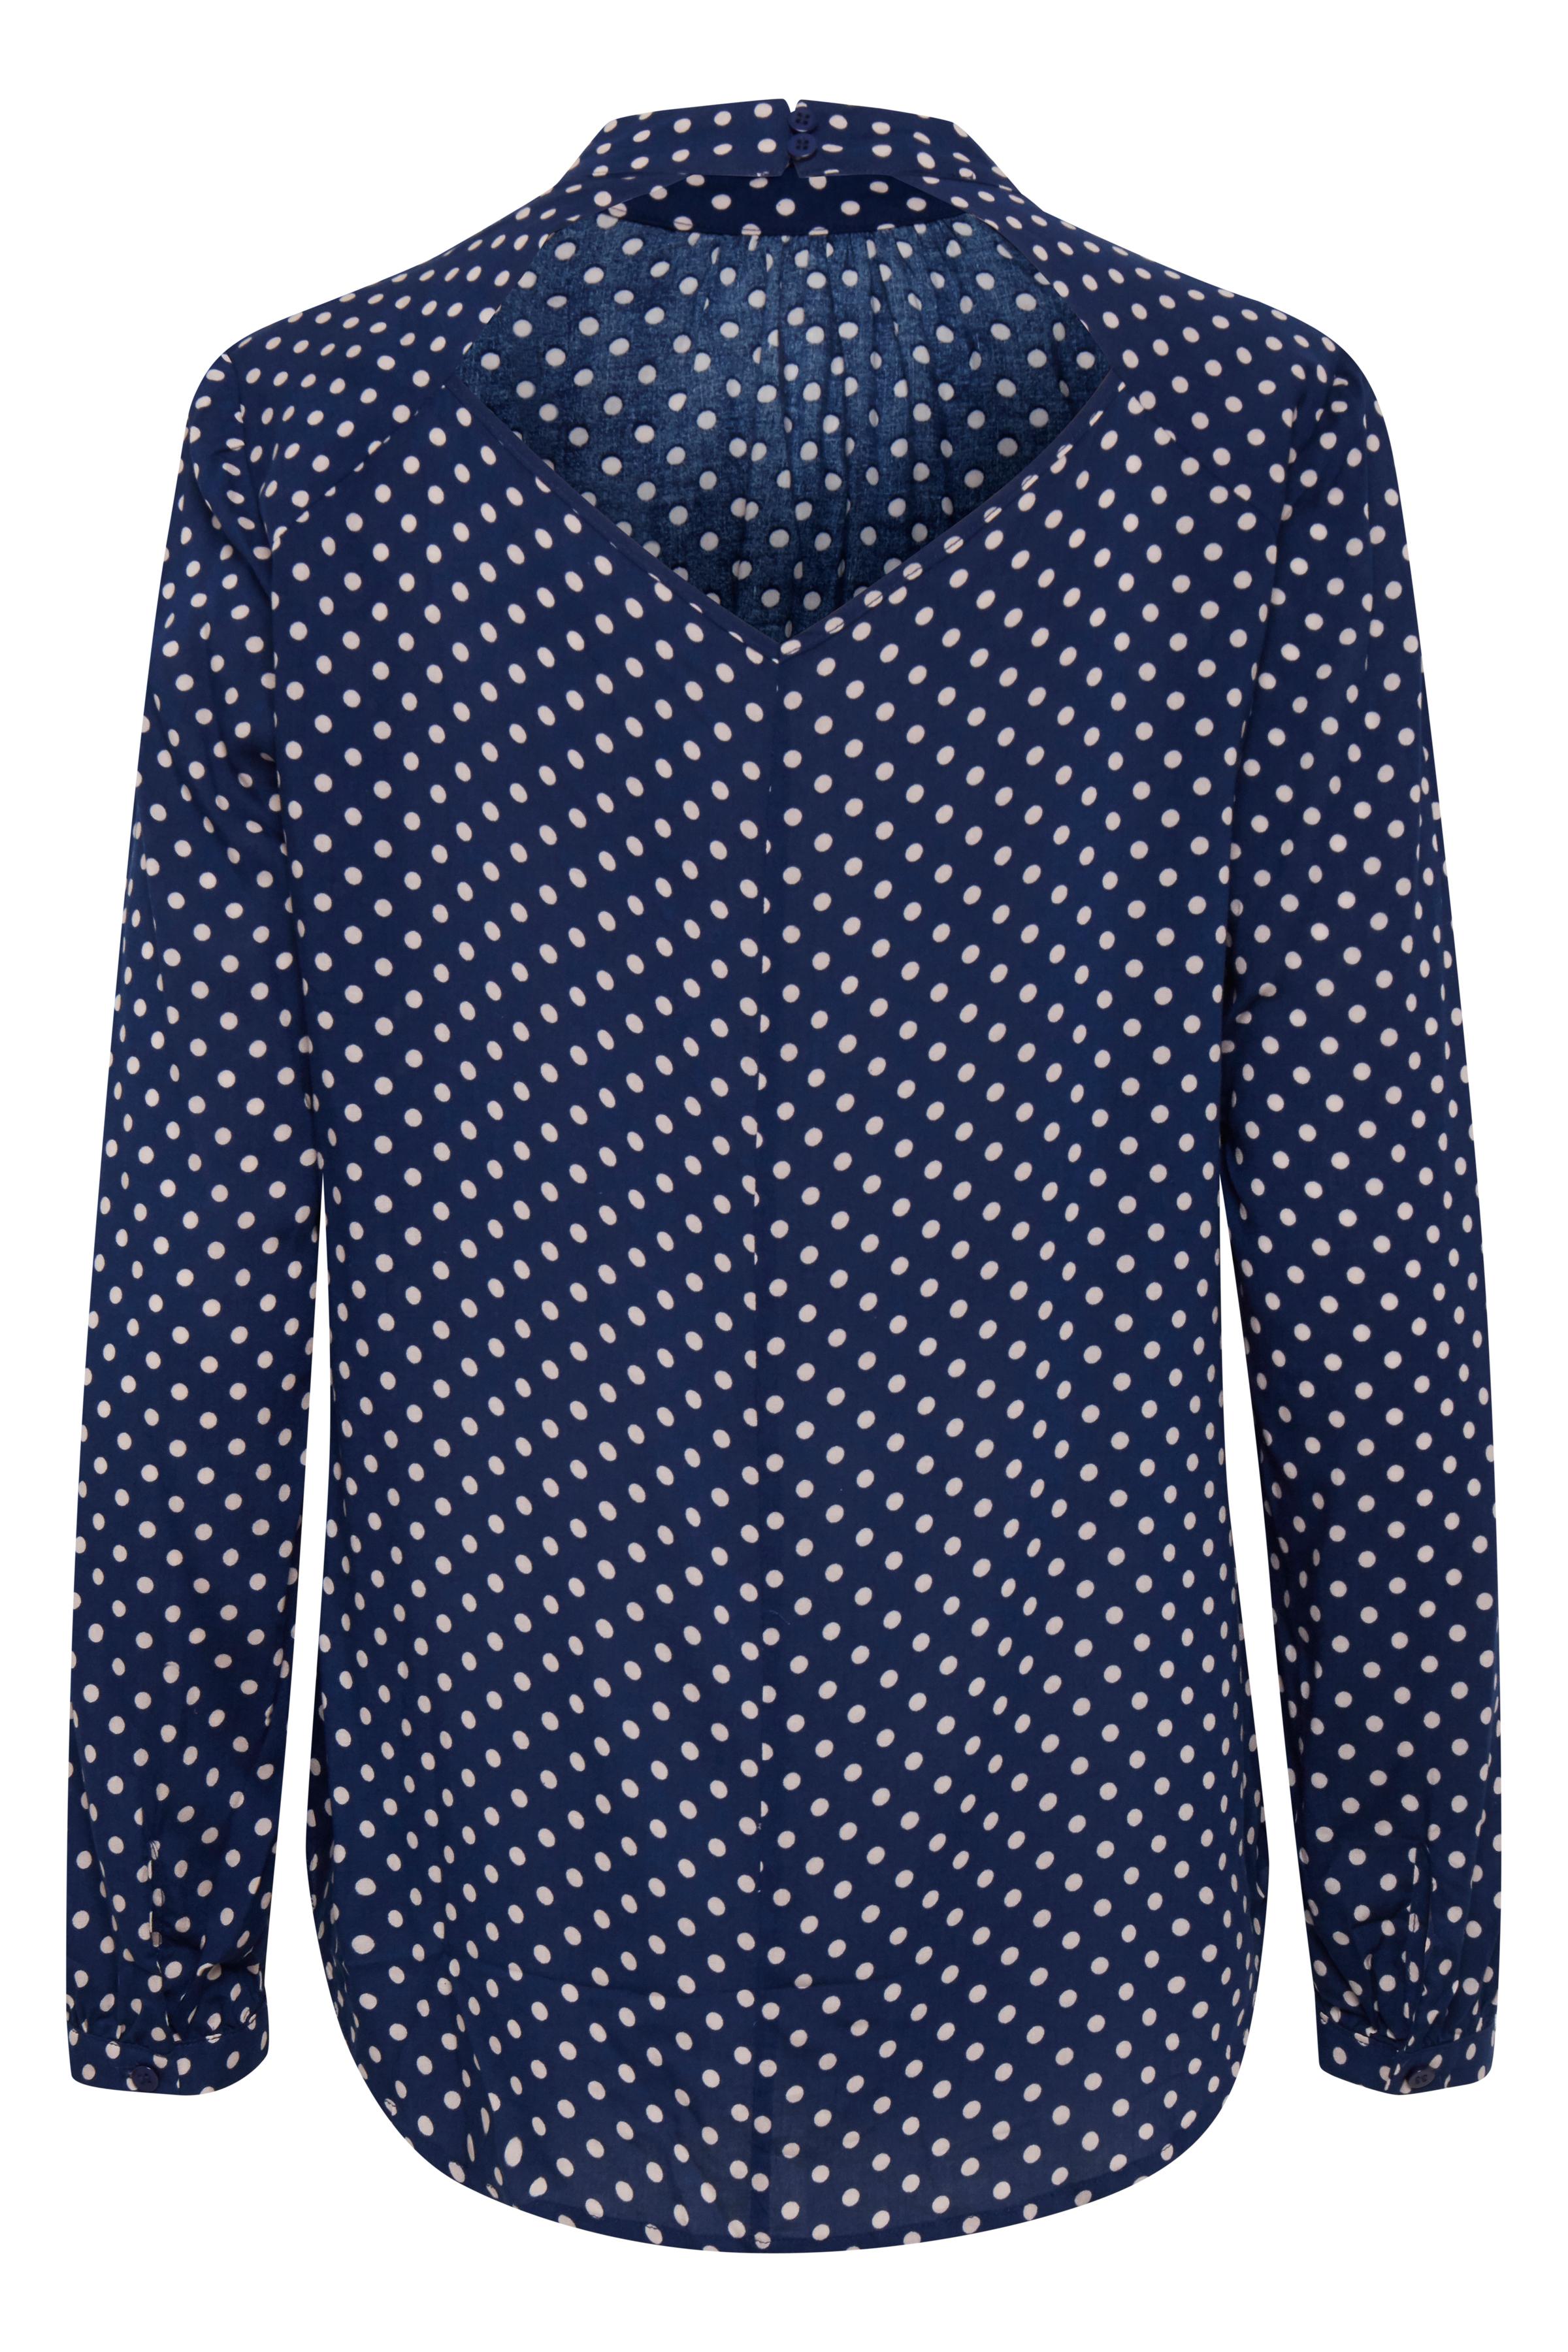 Twilight Blue Bluse – Køb Twilight Blue Bluse fra str. XS-XXL her